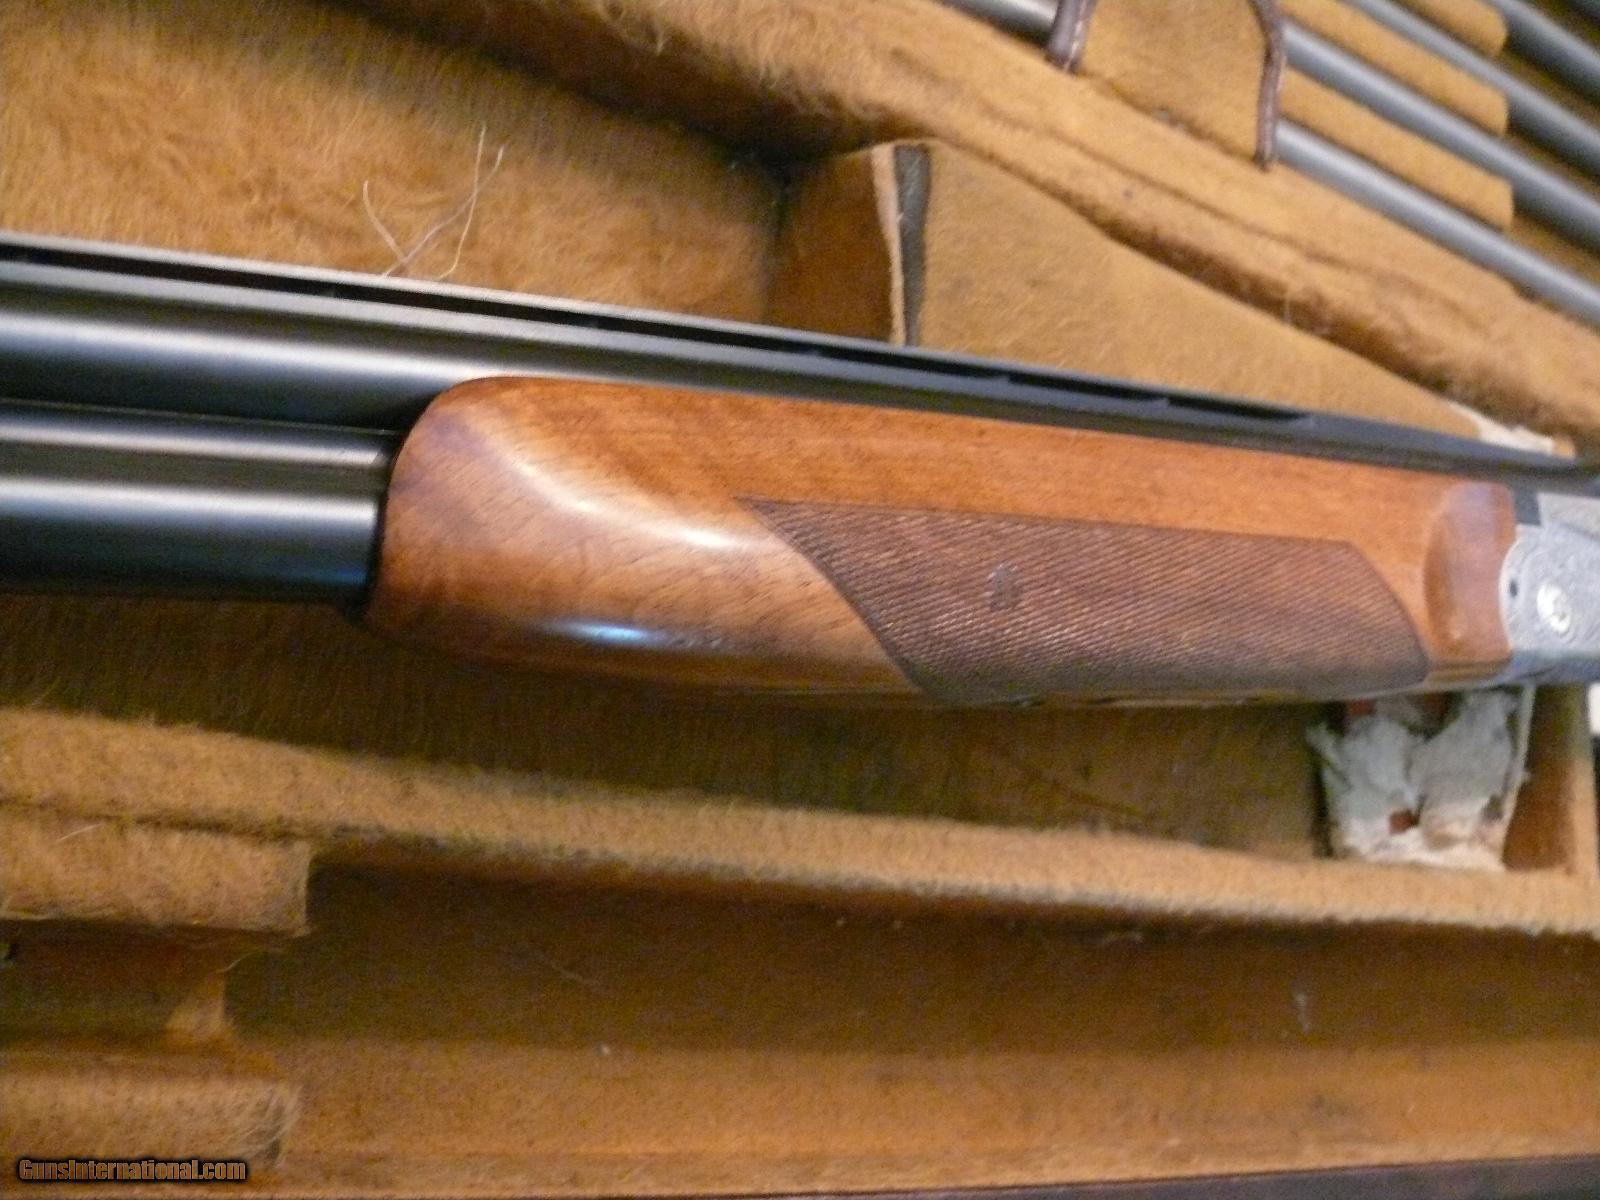 SKB 600 skeet gun with Briley tubes